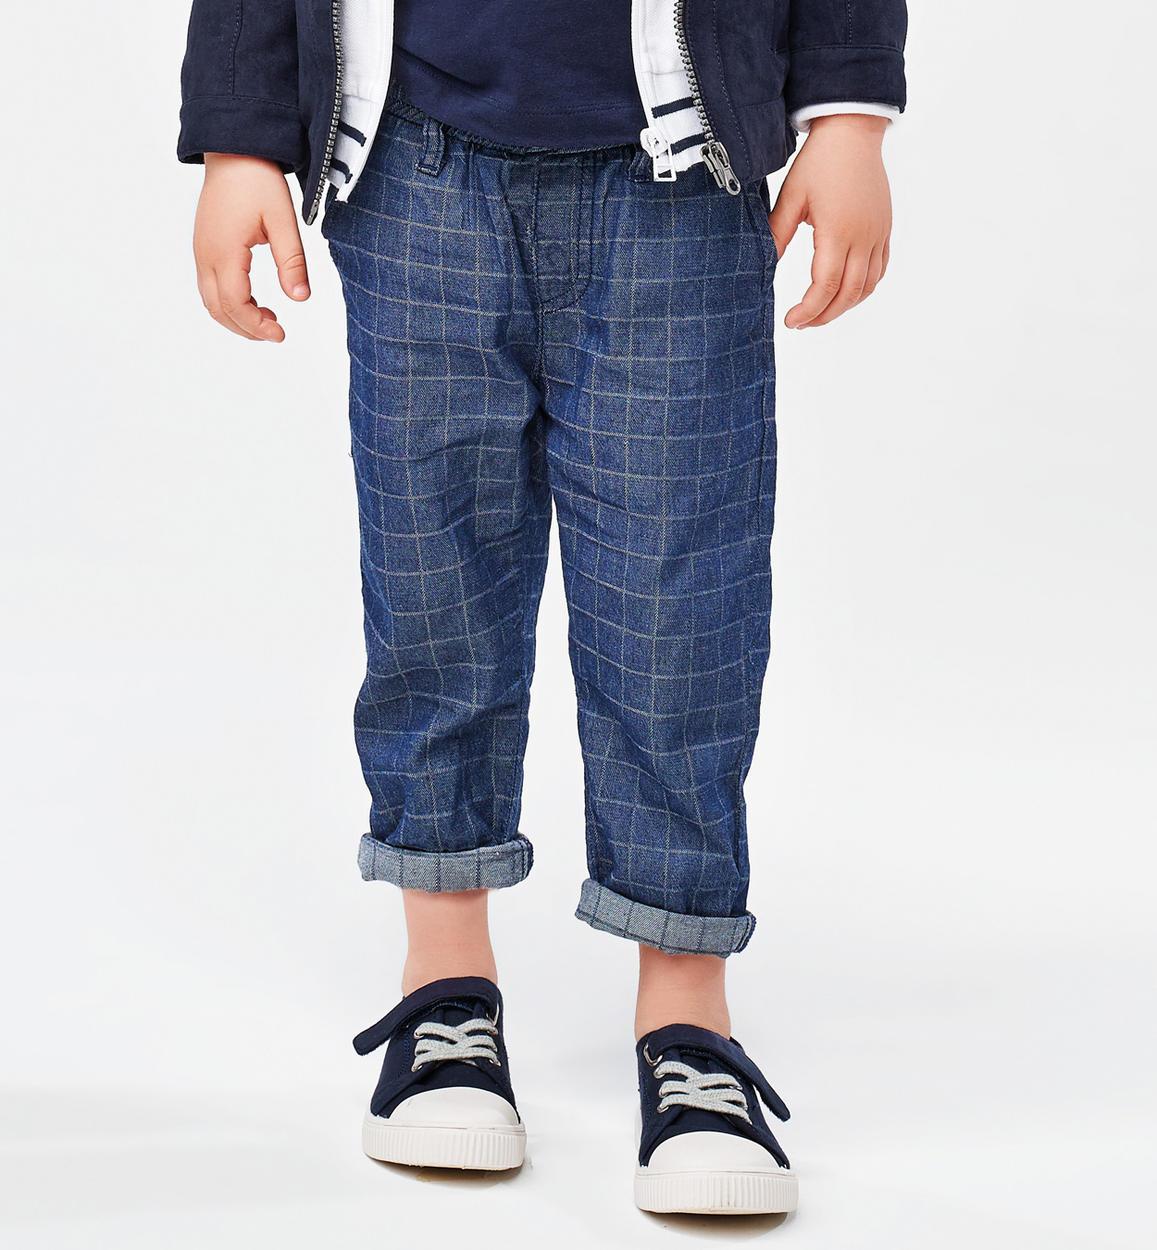 pantalone 100 cotone tinto filo a quadr stone washed fronte 01 1224j25100 7450 150x150